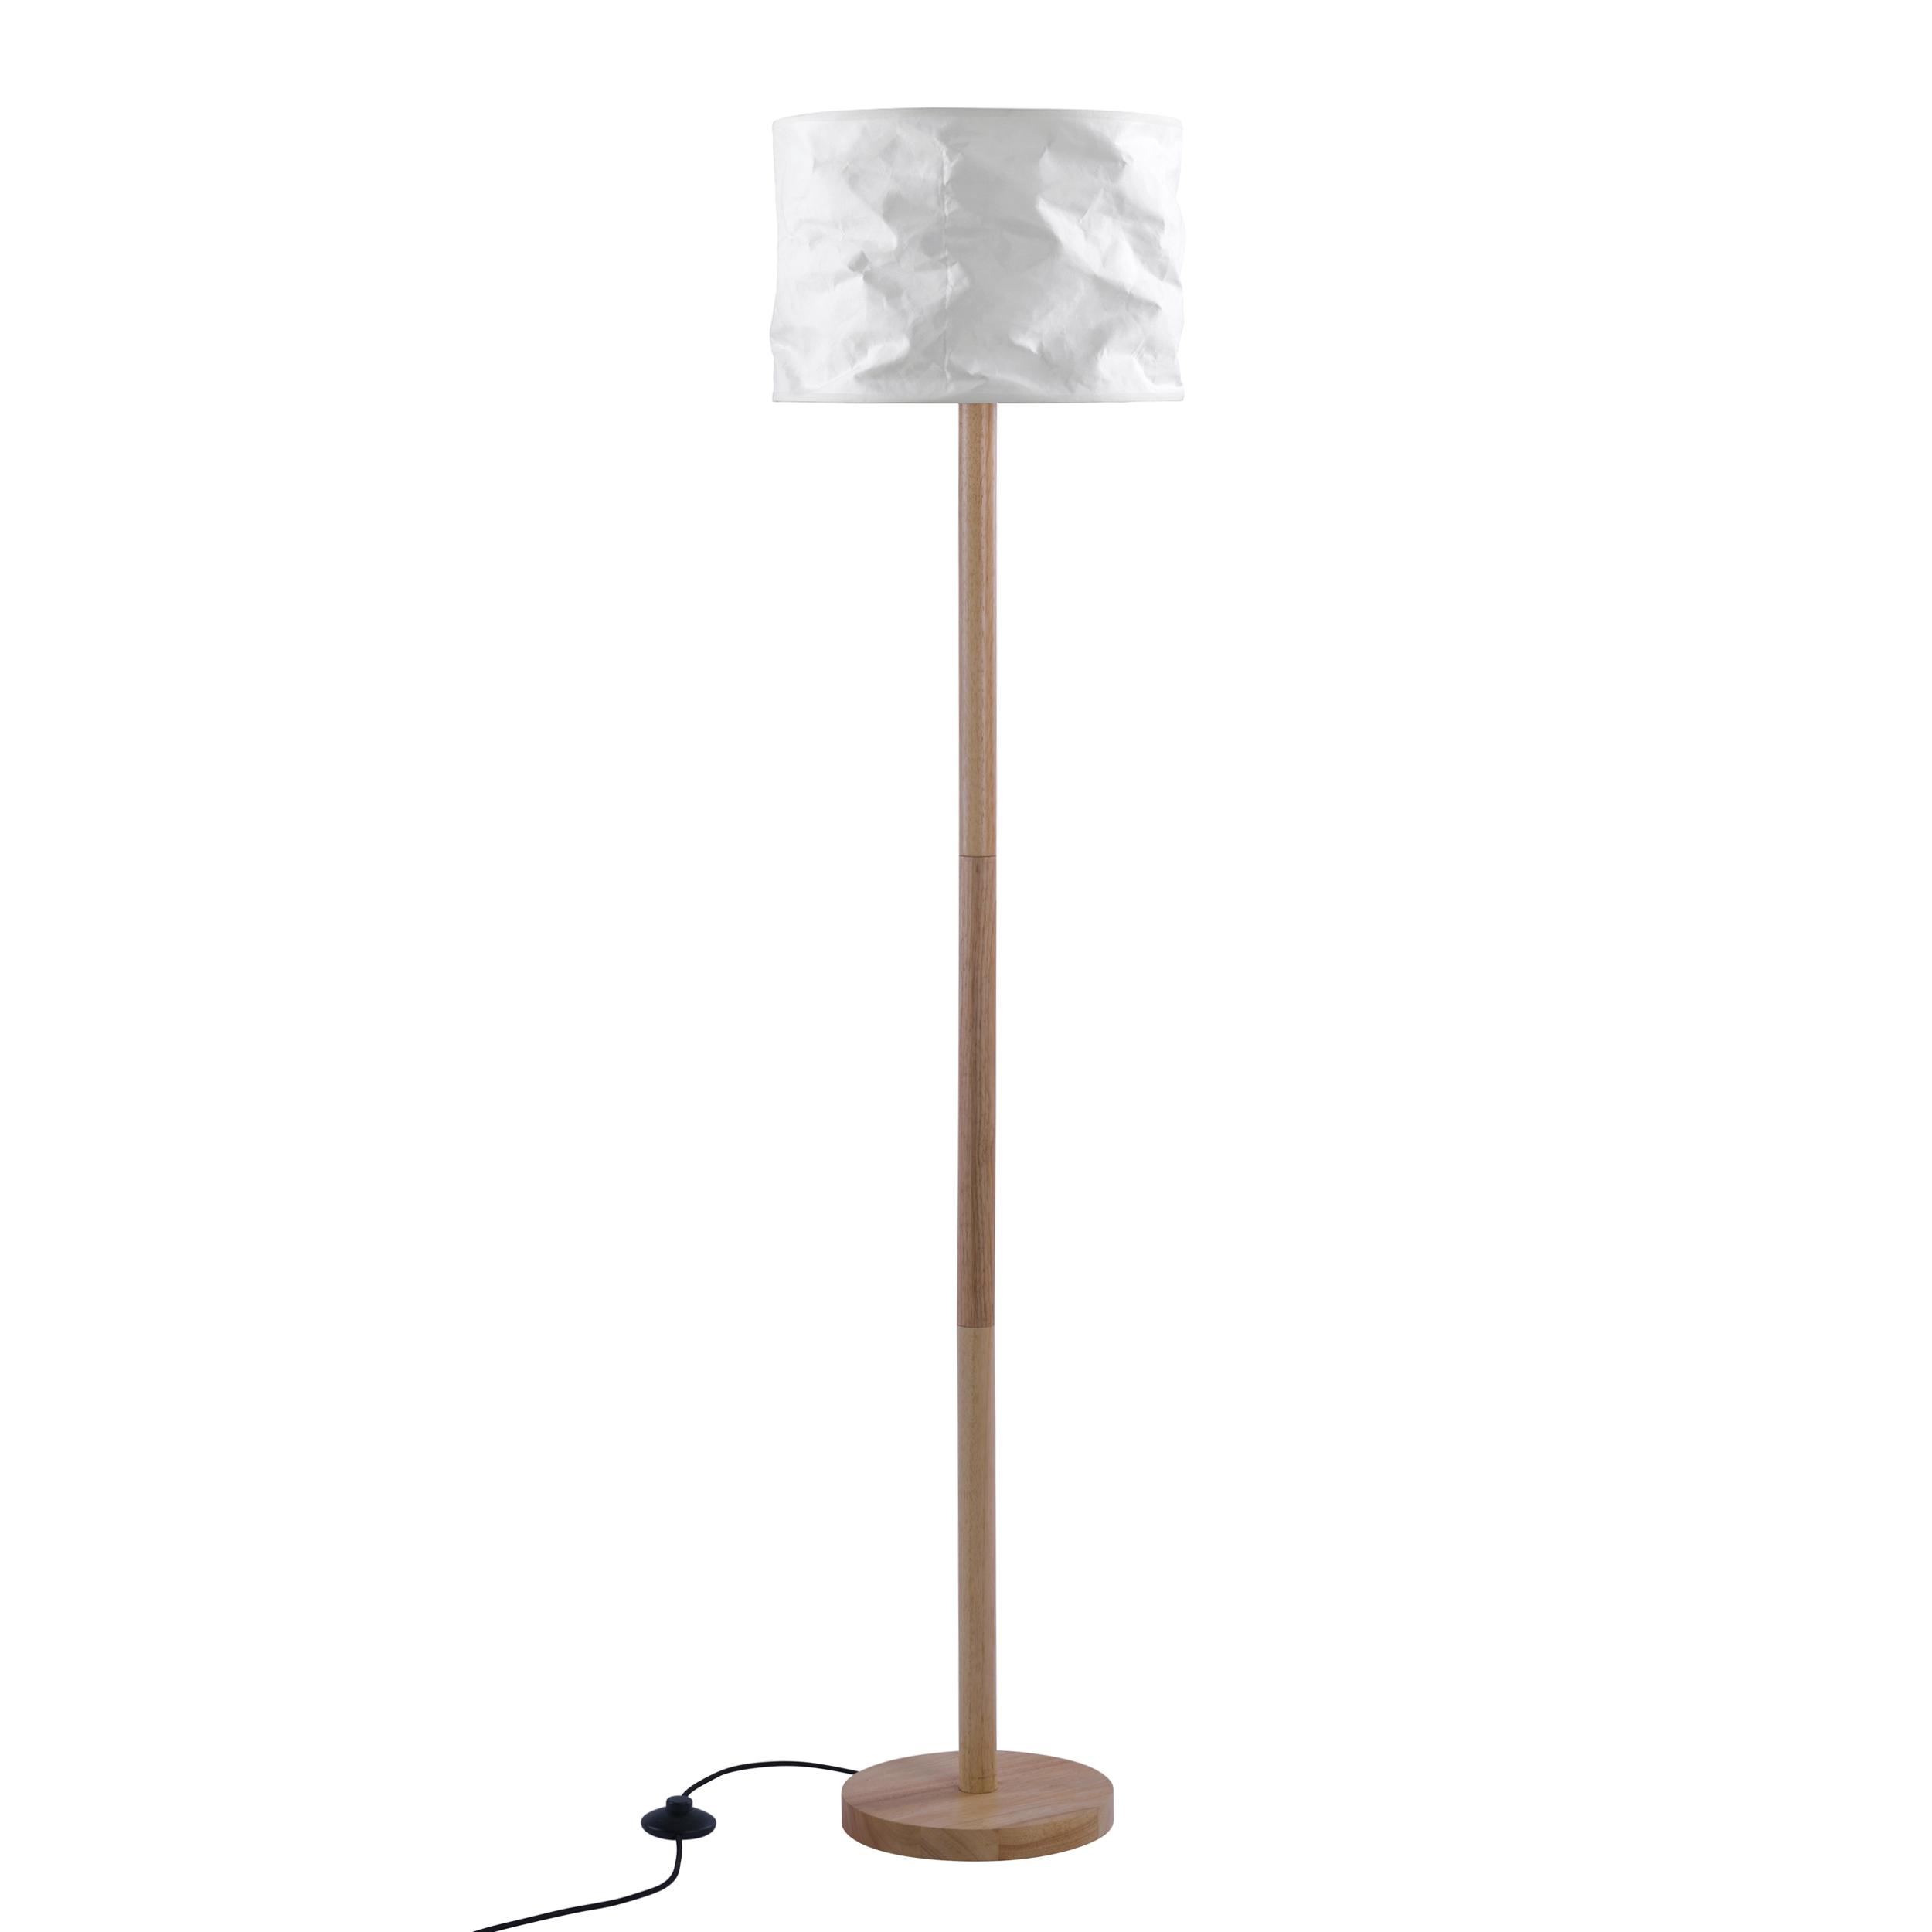 Lampadaire en papier blanc et bois d'hévéa